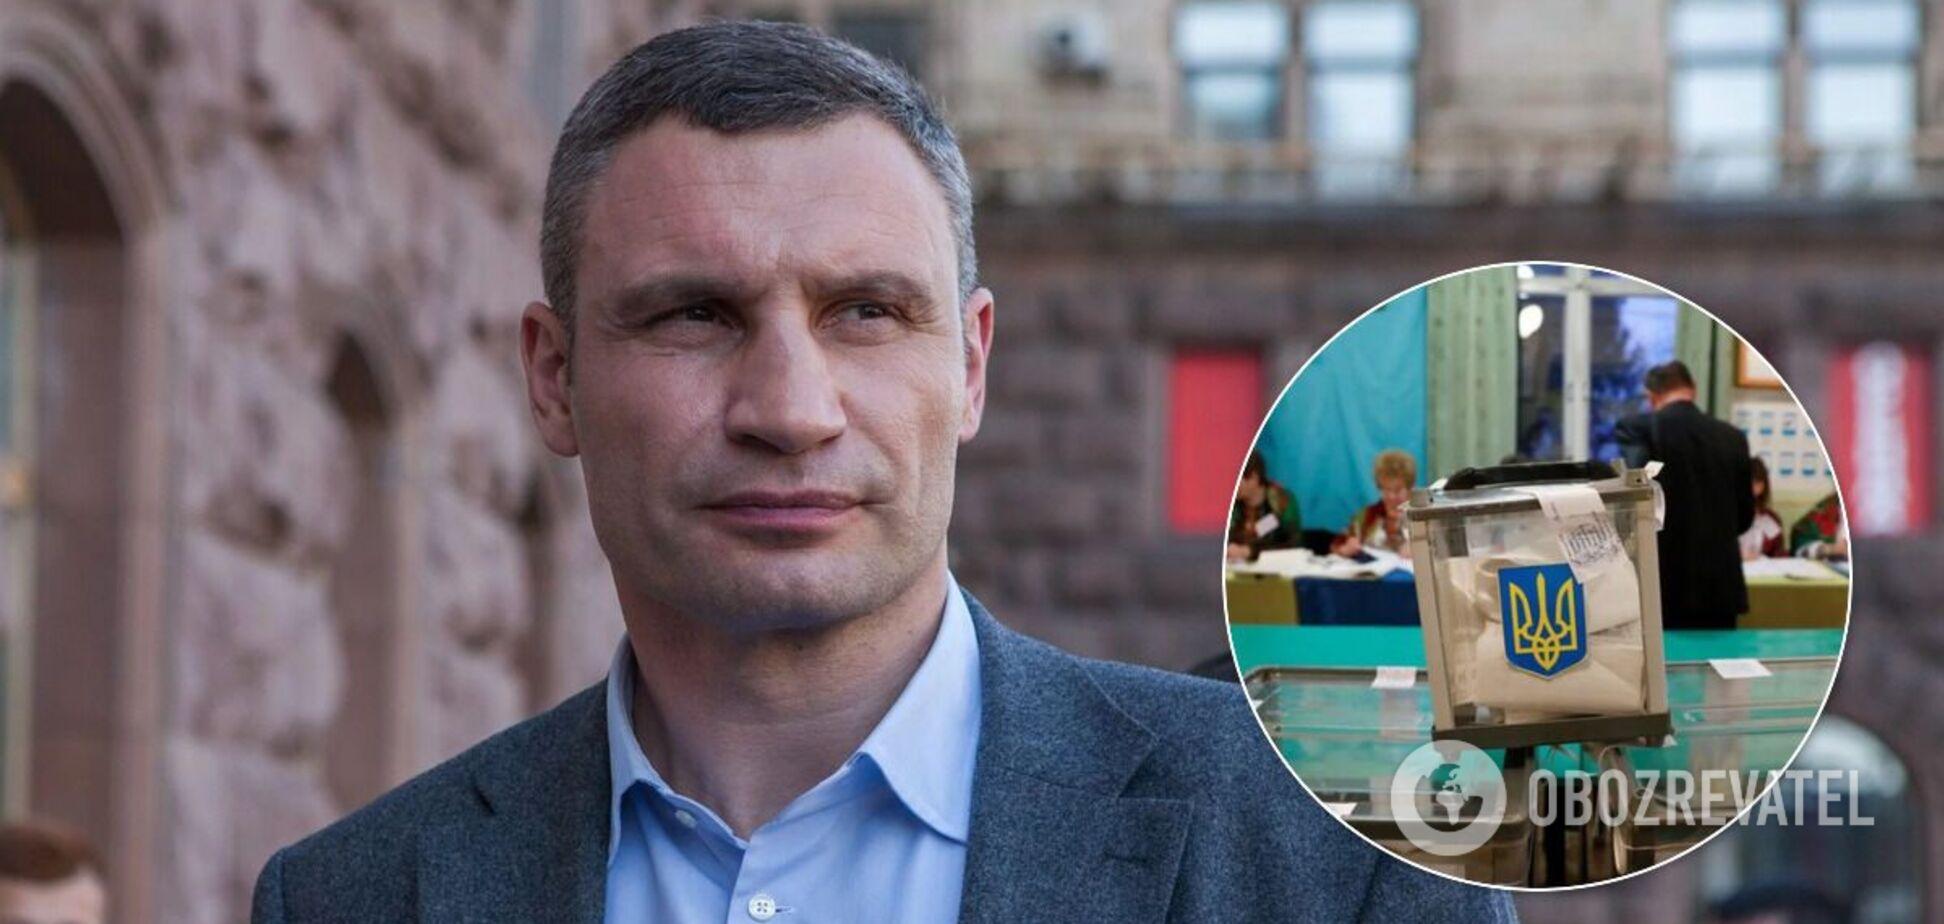 Кличко набрав 50,9% голосів за даними паралельного підрахунку